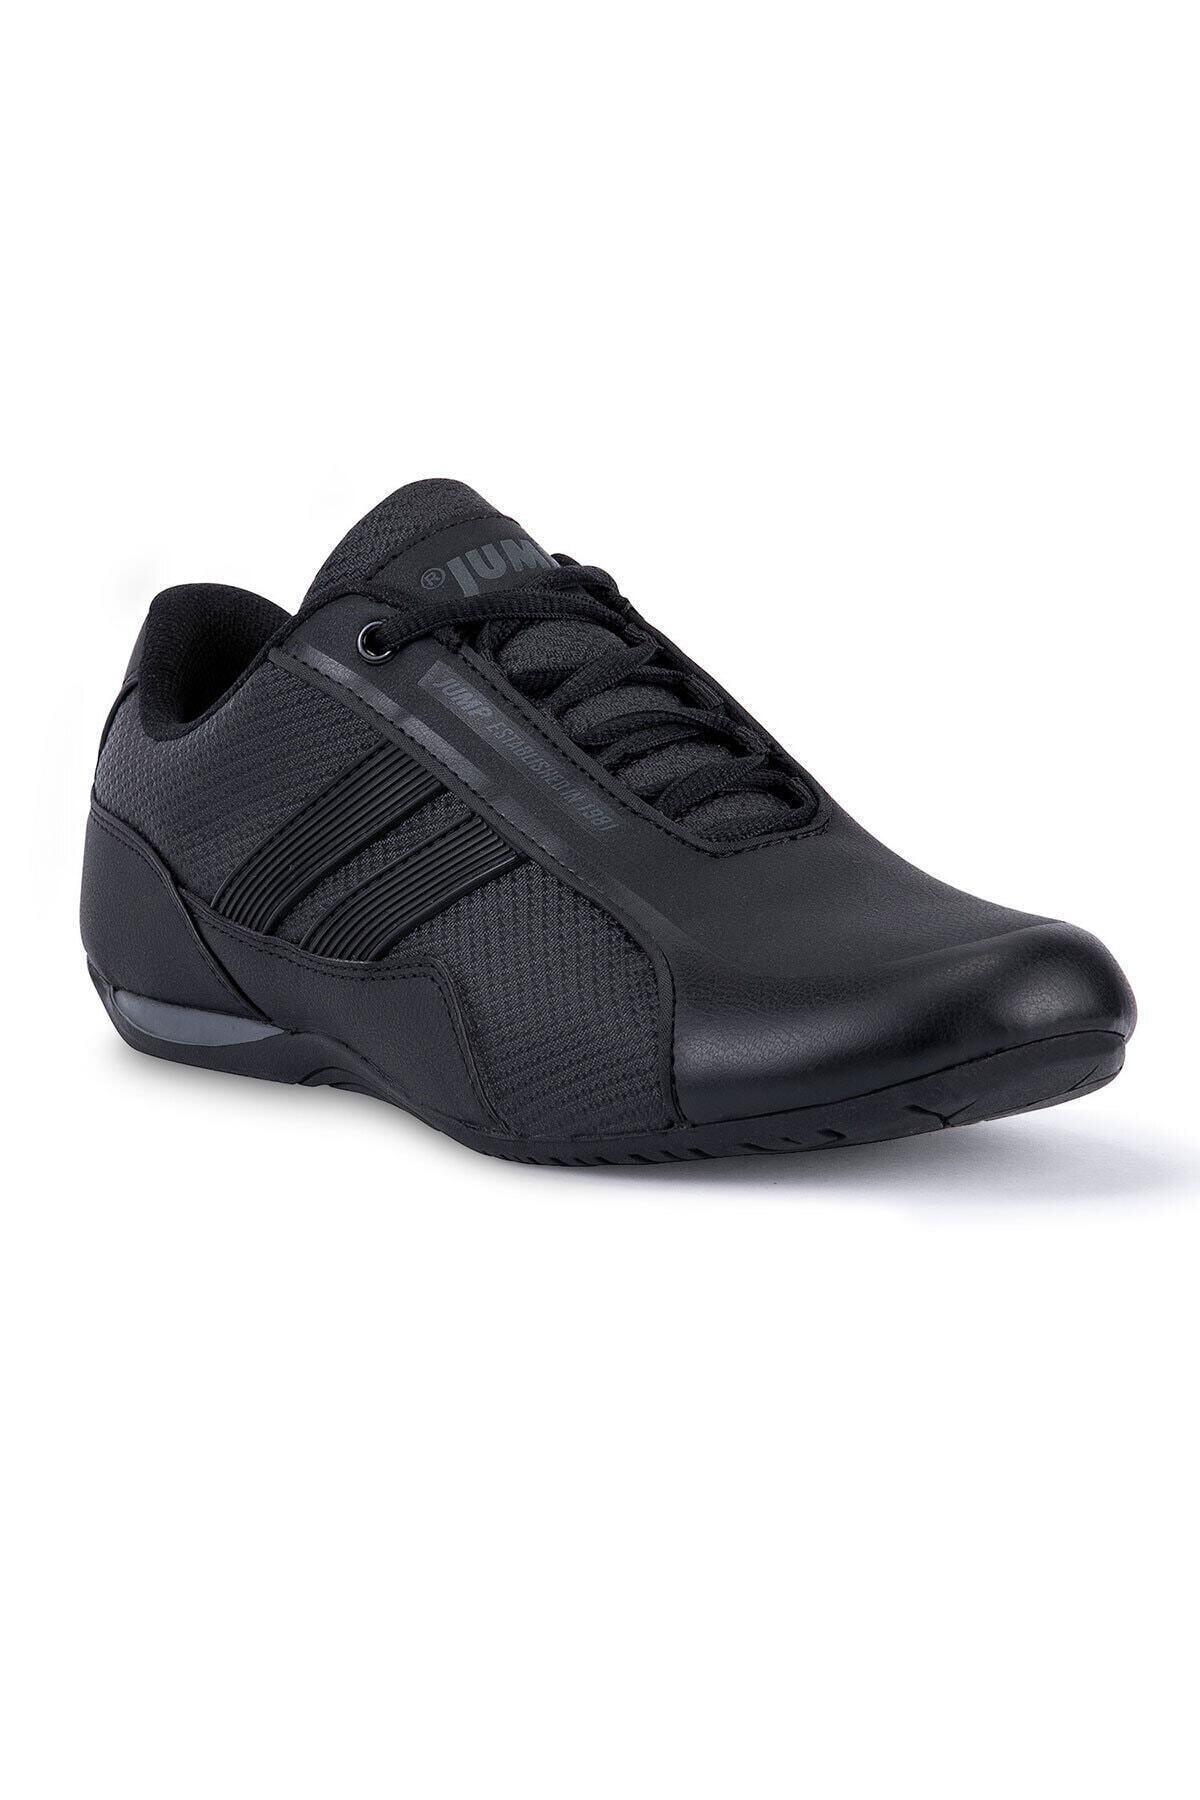 Erkek Ince Tabanlı Spor Ayakkabı (40-45)